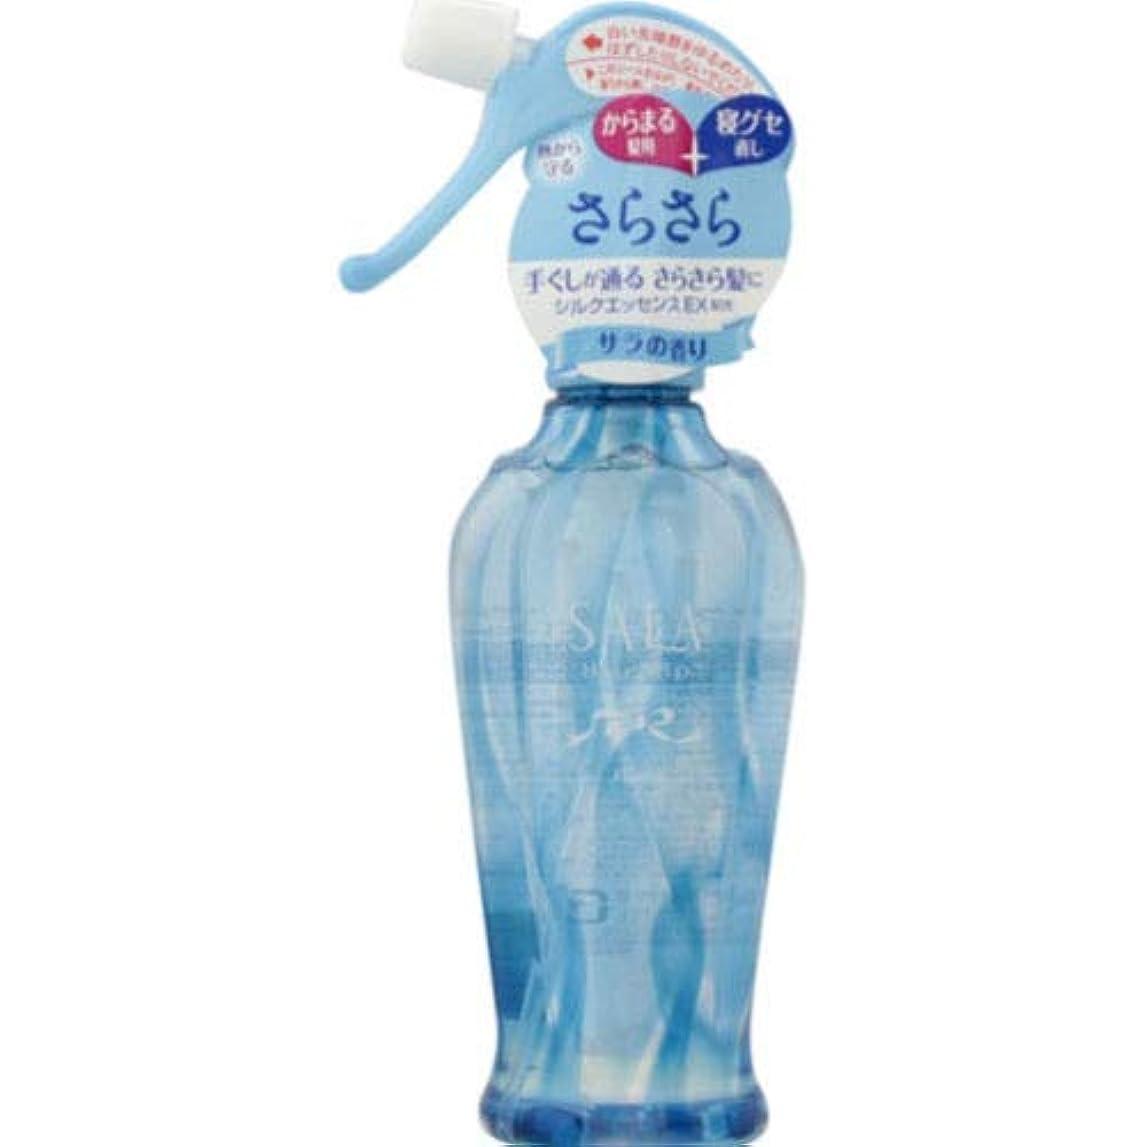 引き出し救援効能あるサラ さらさらサラ水 サラの香り